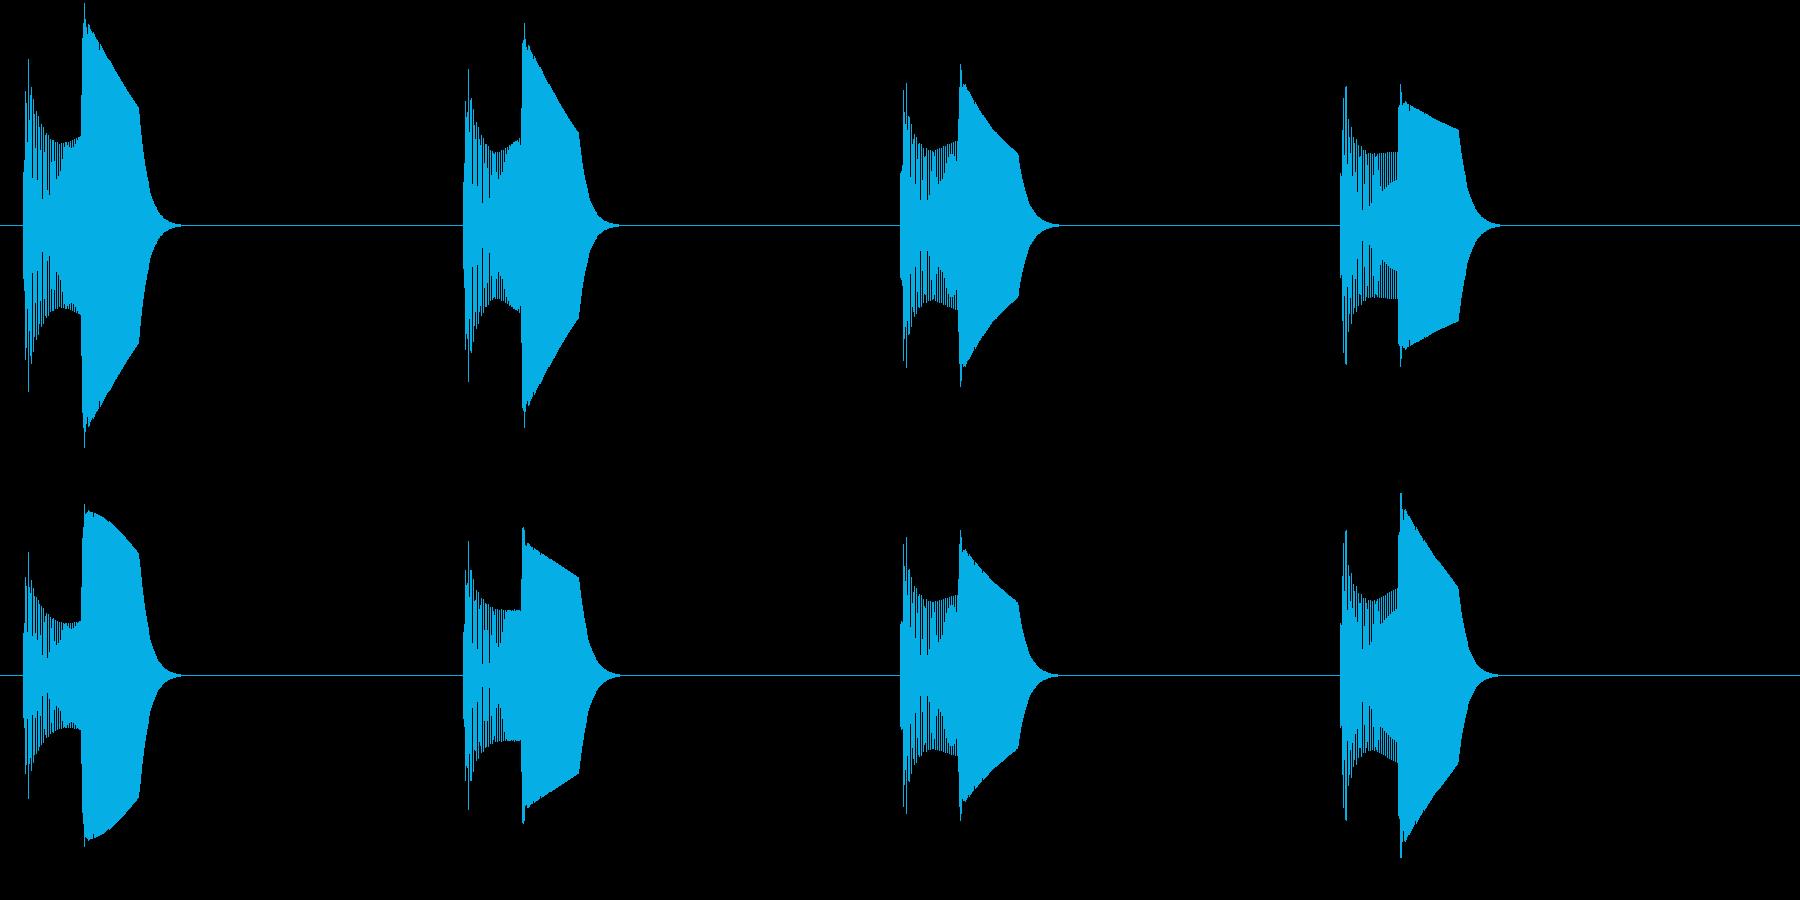 足音(ぴょこぴょこ)の再生済みの波形